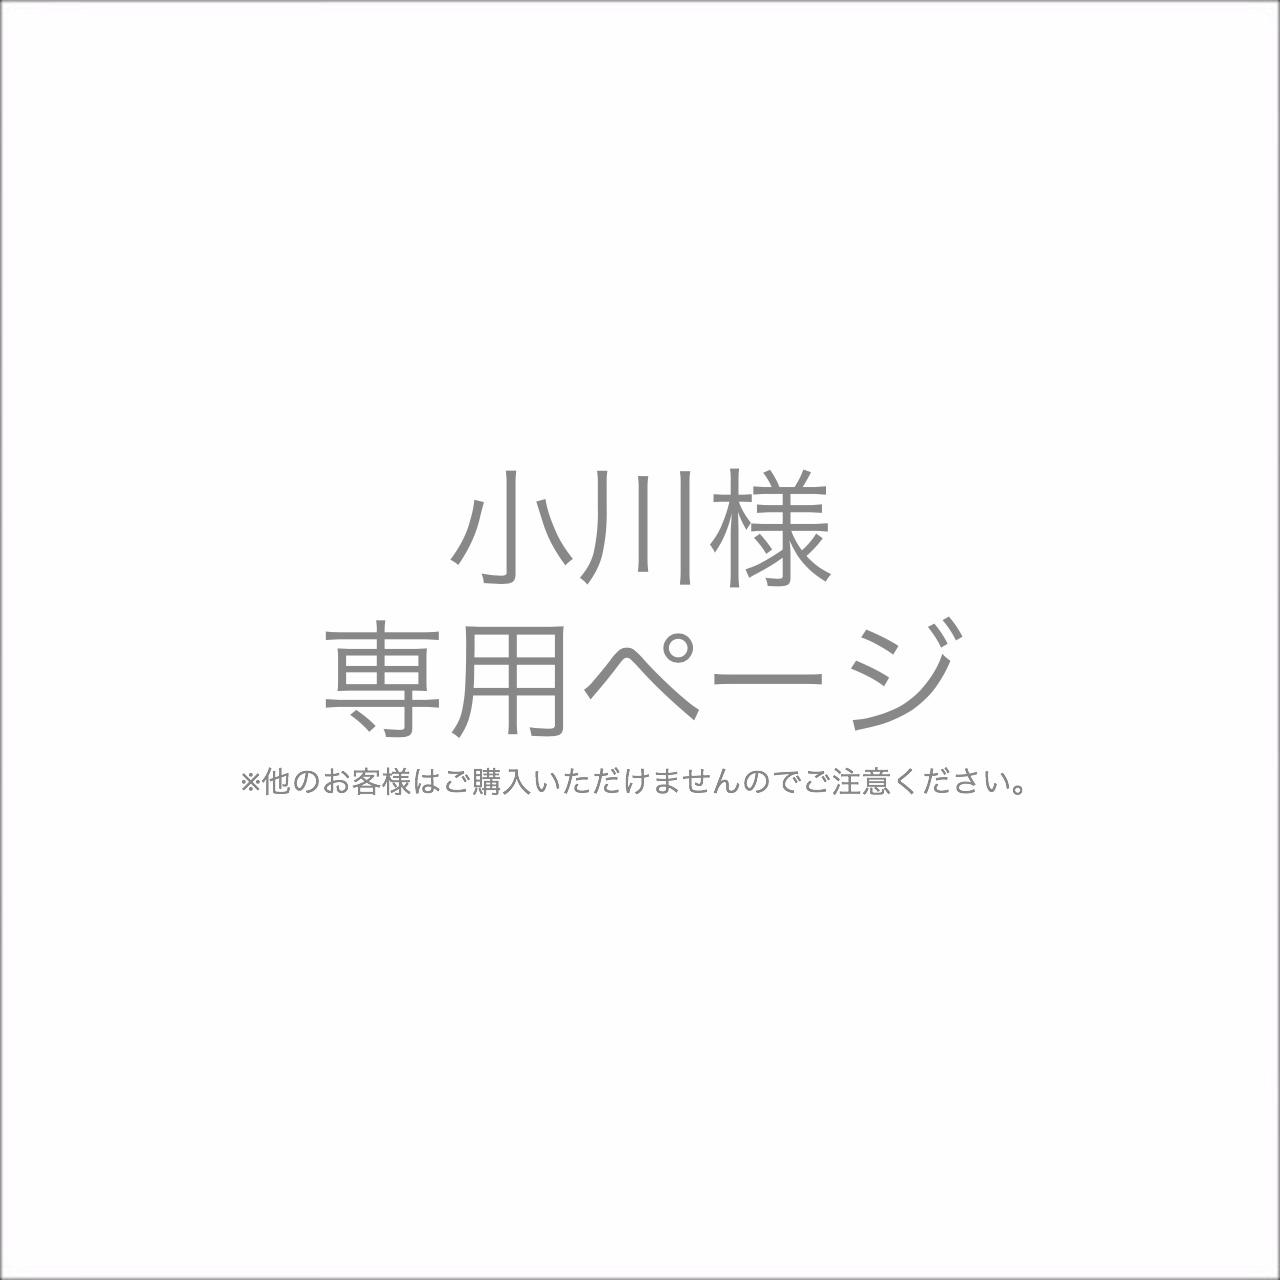 小川様専用ページ